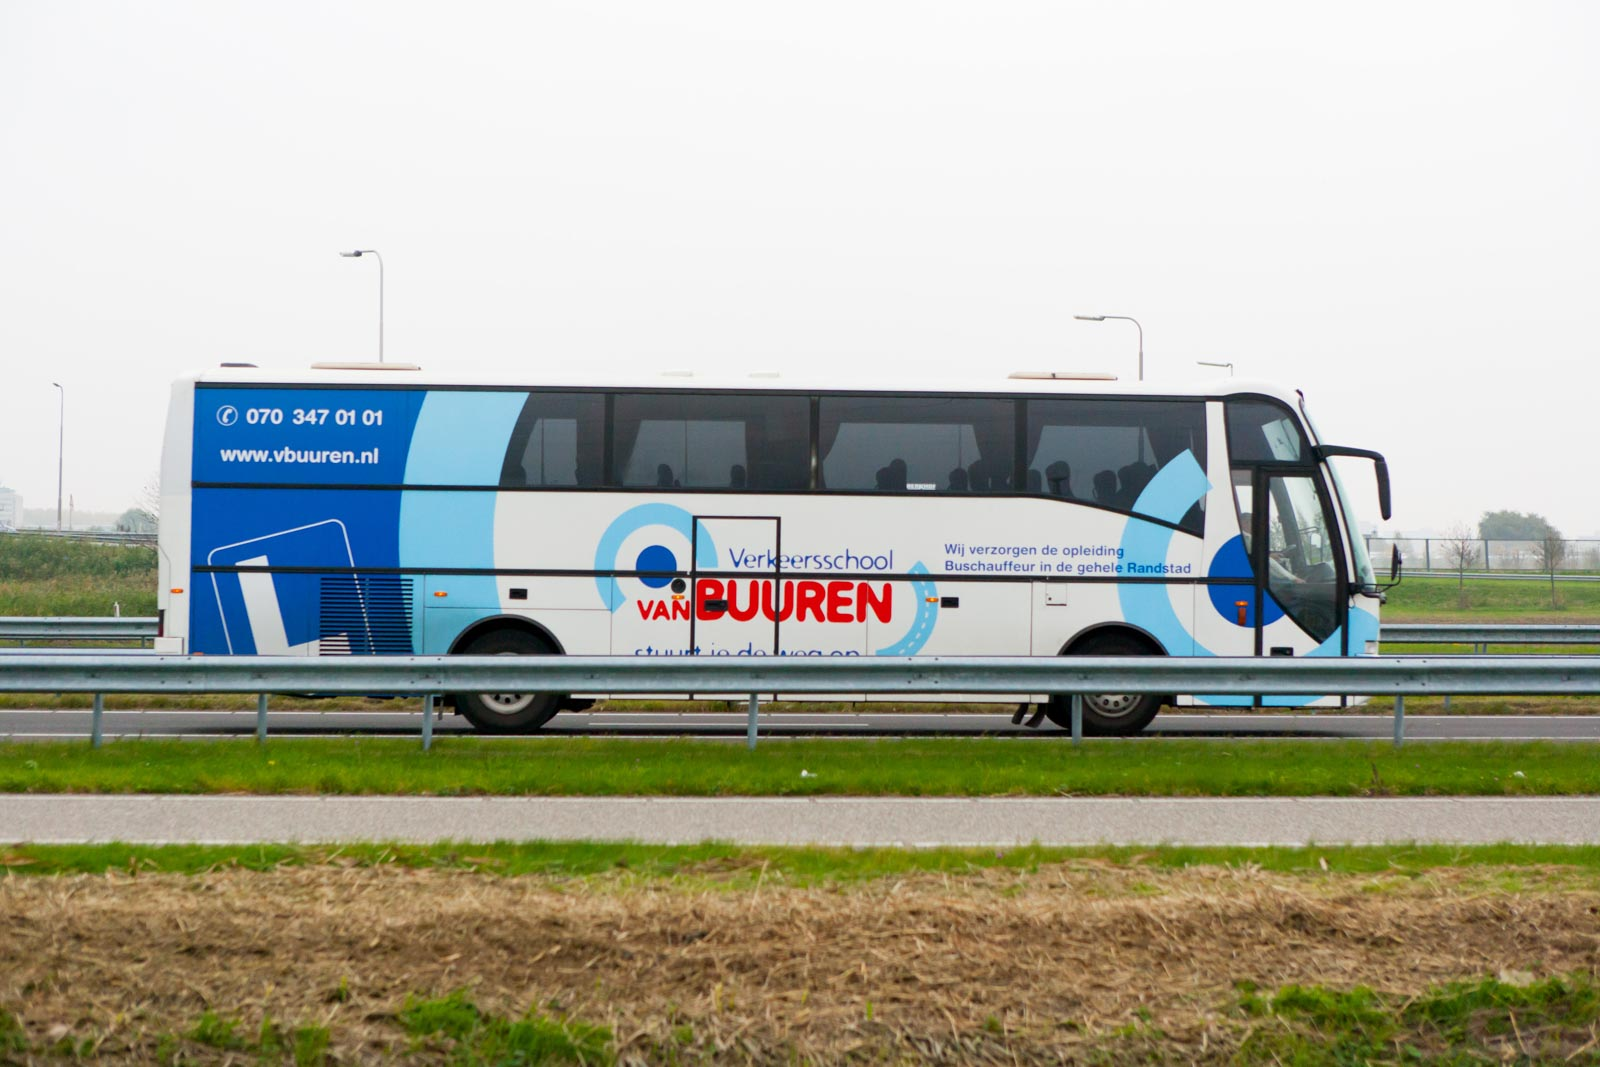 Bus op de snelweg met korte sluitertijd